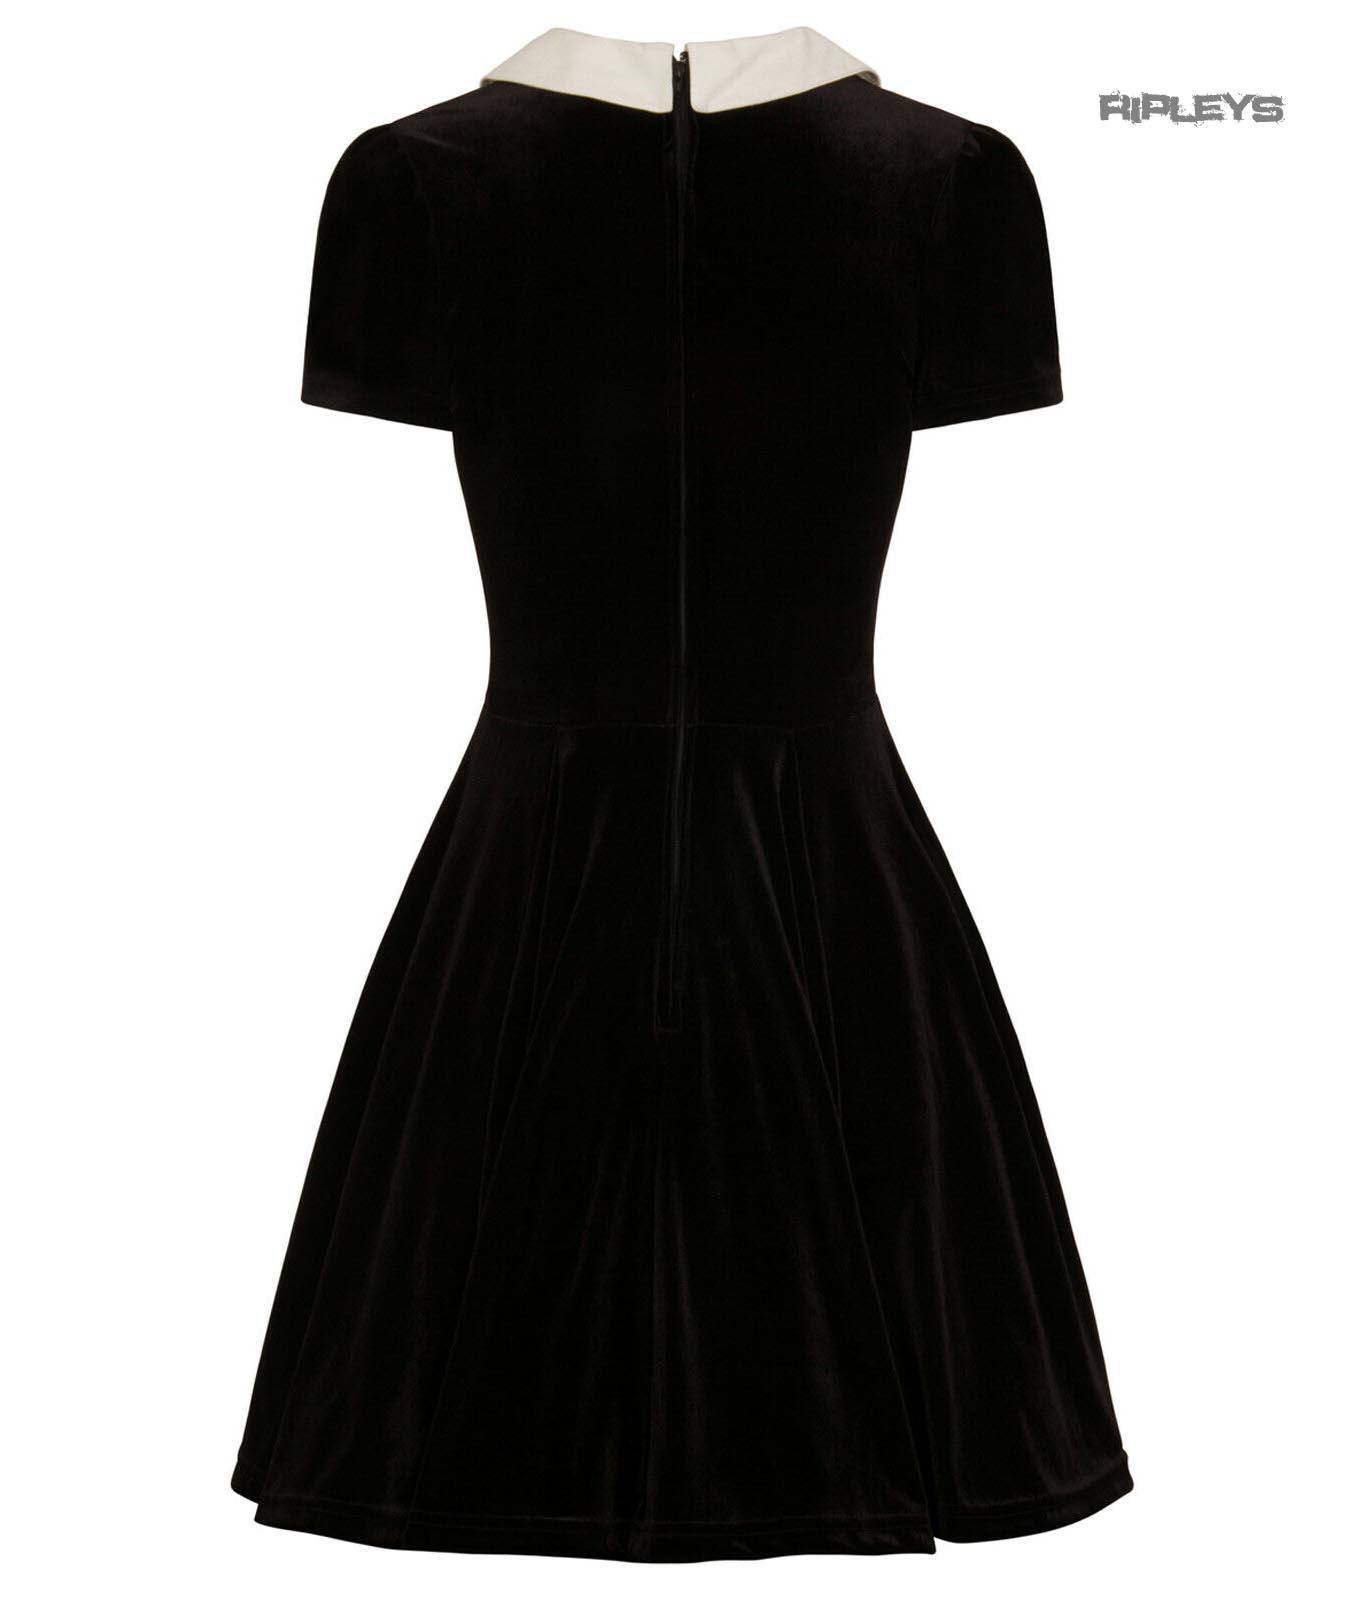 Hell-Bunny-Goth-Mini-Skater-Dress-NIGHTSHADE-Poison-Cherry-Black-Velvet-All-Size thumbnail 20